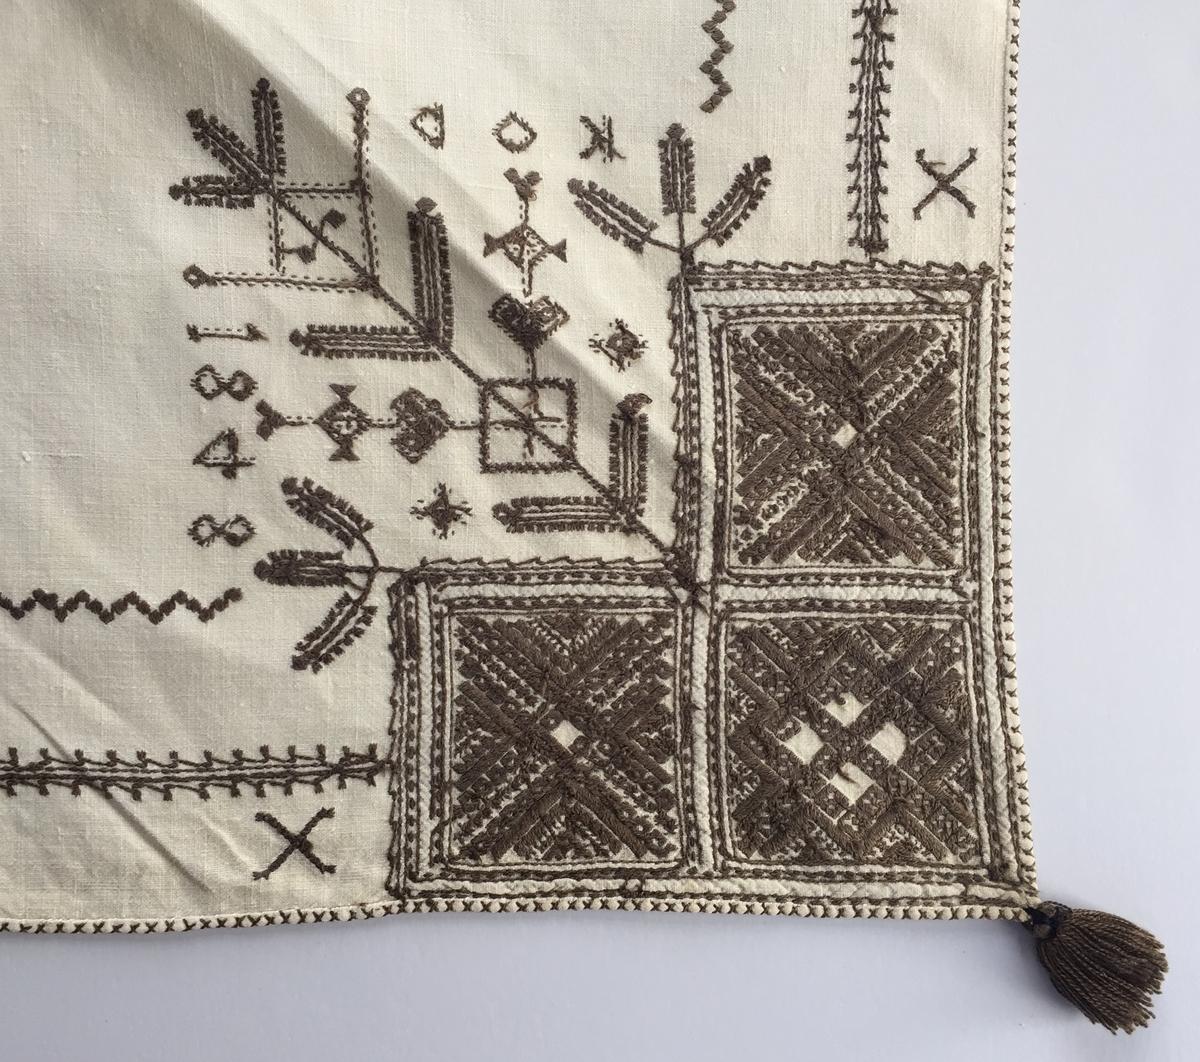 Geometriskt mönster  i kvadrater i hörnen. Två bårder mellan kvadraterna på ryggsnibb och framsnibbar.  På ryggsnibben tre kvadrater och en  majstångsspira samt märkning med årtal och initialer. På varje framsnibb en kvadrat och en trekant. Sex ornament.